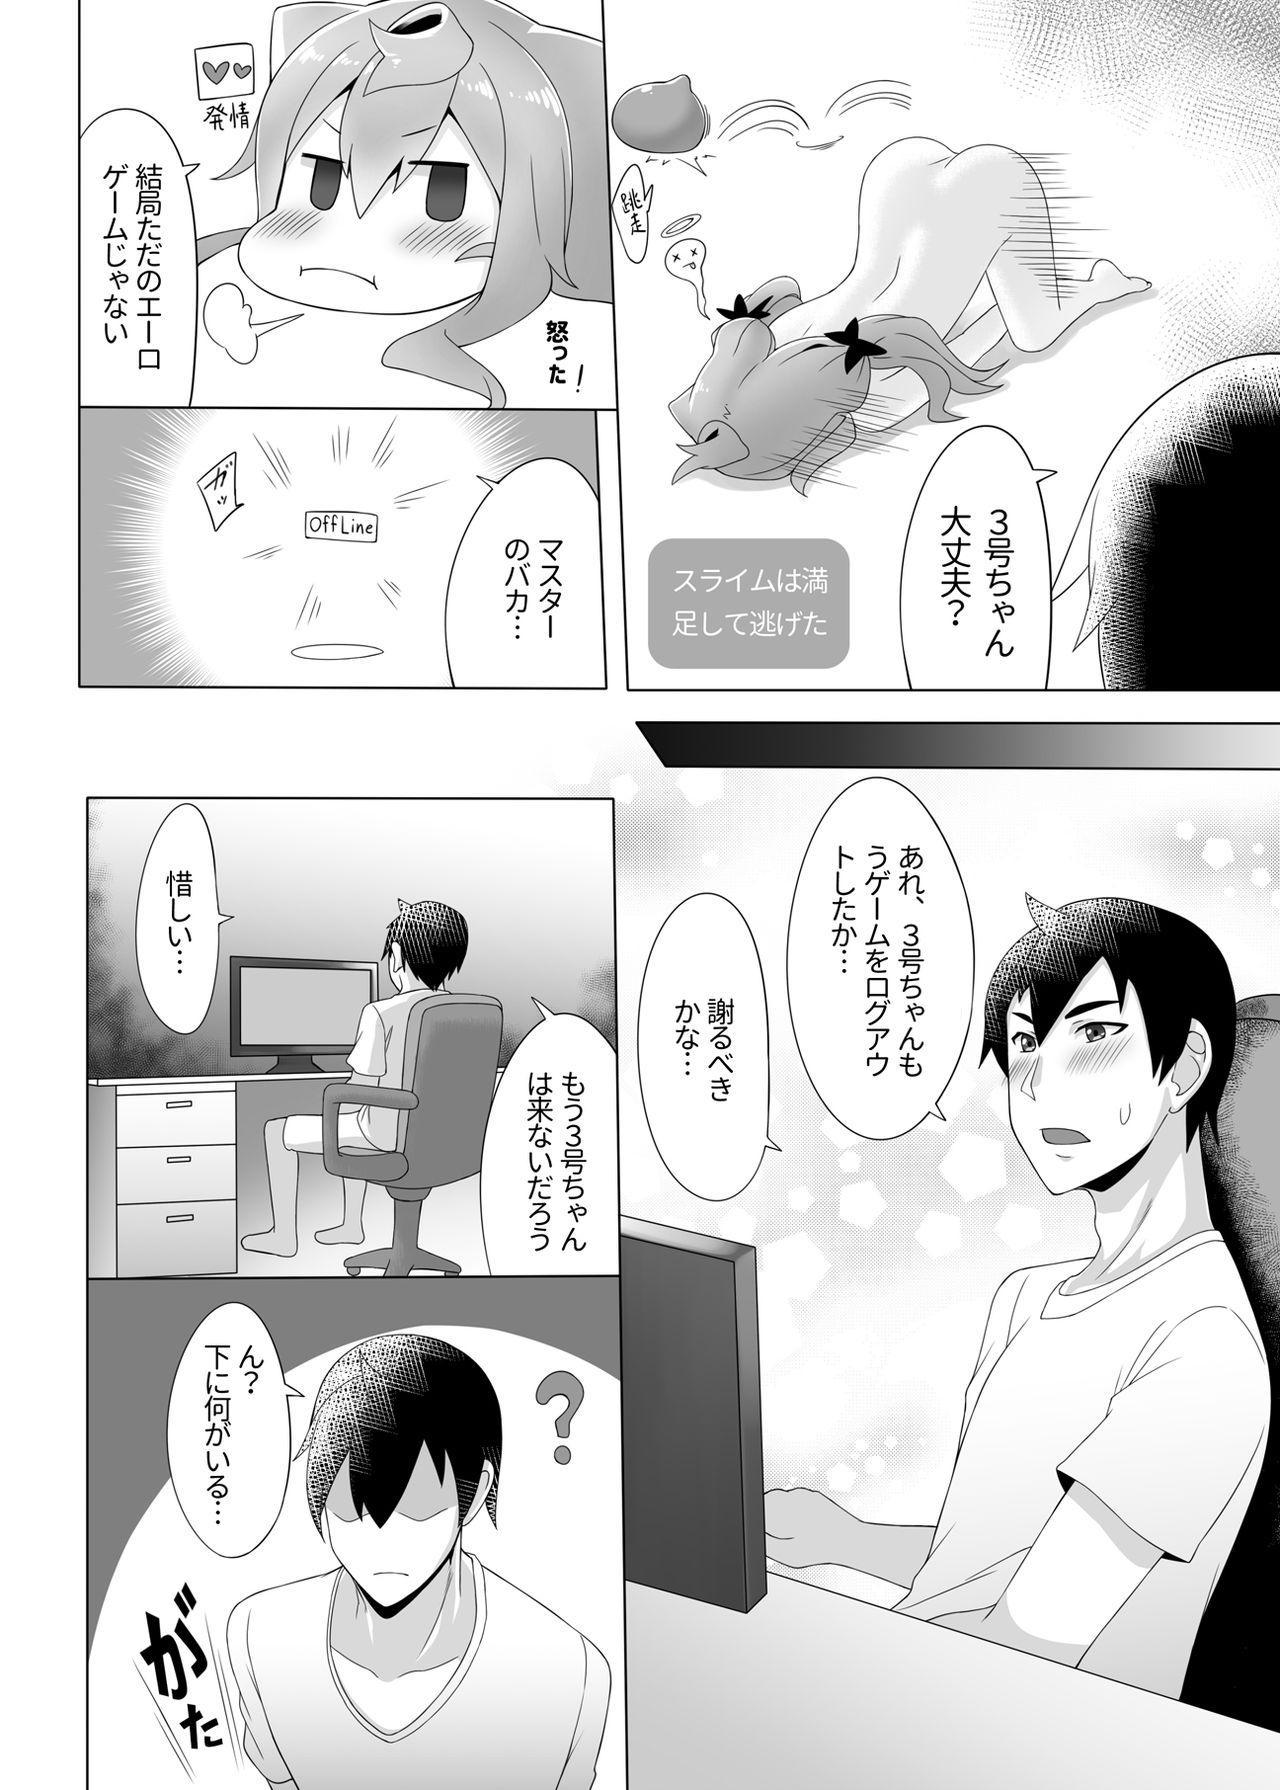 [Chihiro Lanting (Shen Yan)]  3-gou-chan to Issho Erogame de Hakadorimashou (Hacka Doll) [Digital] 16